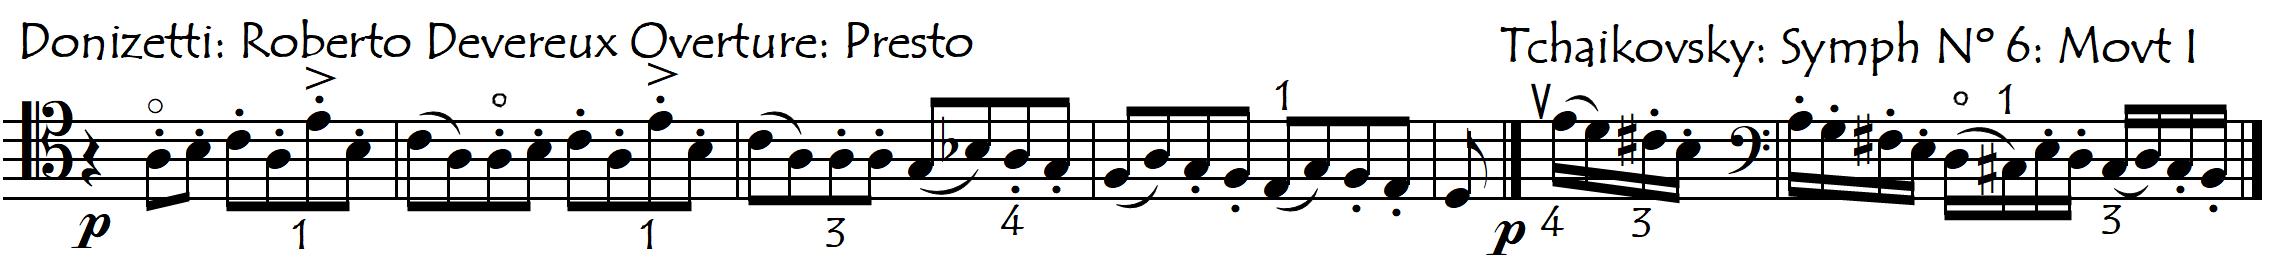 tchaik 6 donizetti brushed